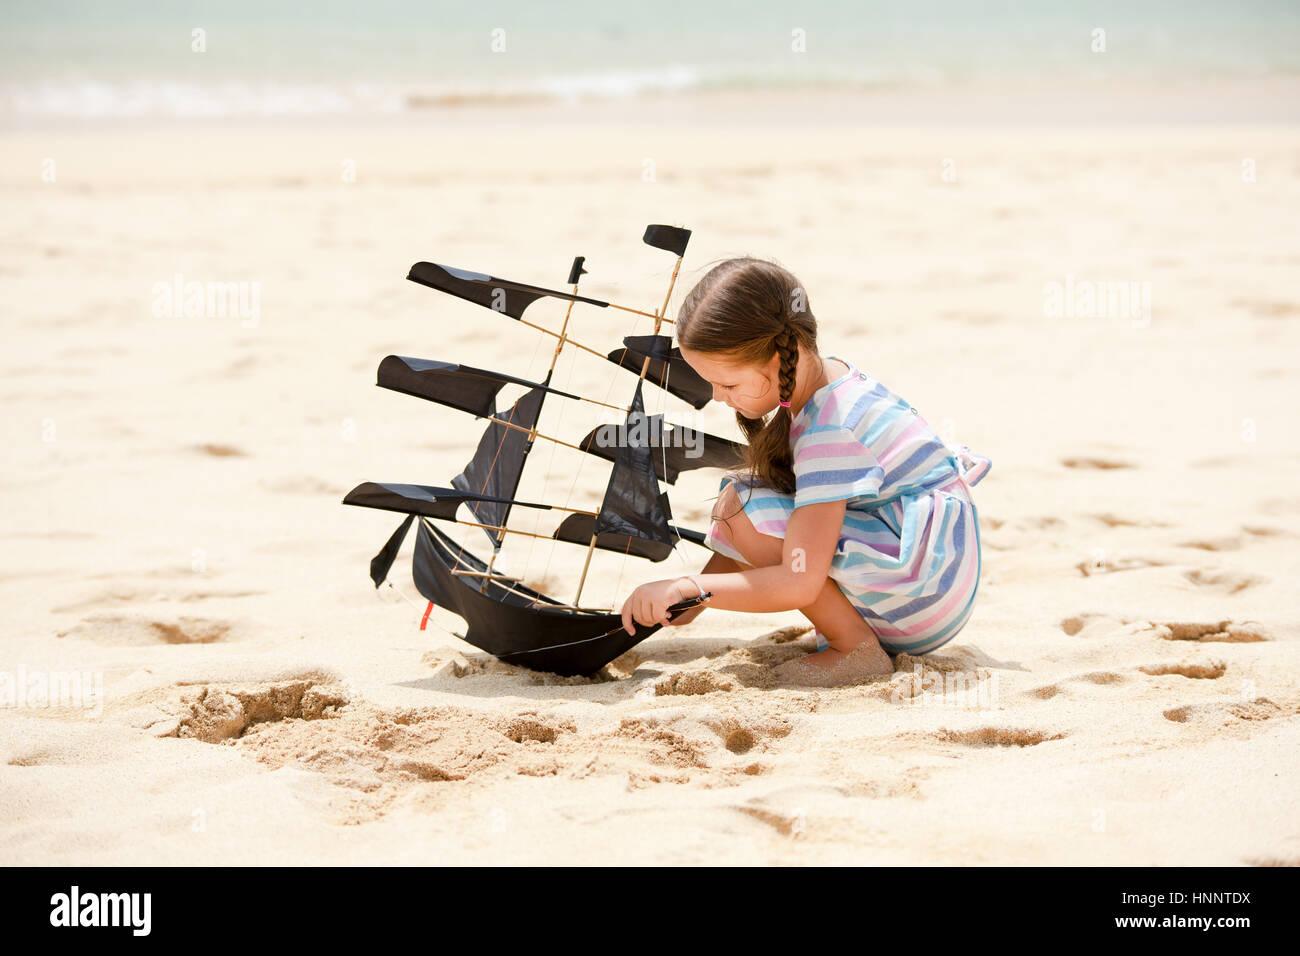 Niedliche kleine Mädchen spielen am Strand Drachen Schiff. Kind Sommer-Familienurlaub am Meer genießen. Stockbild